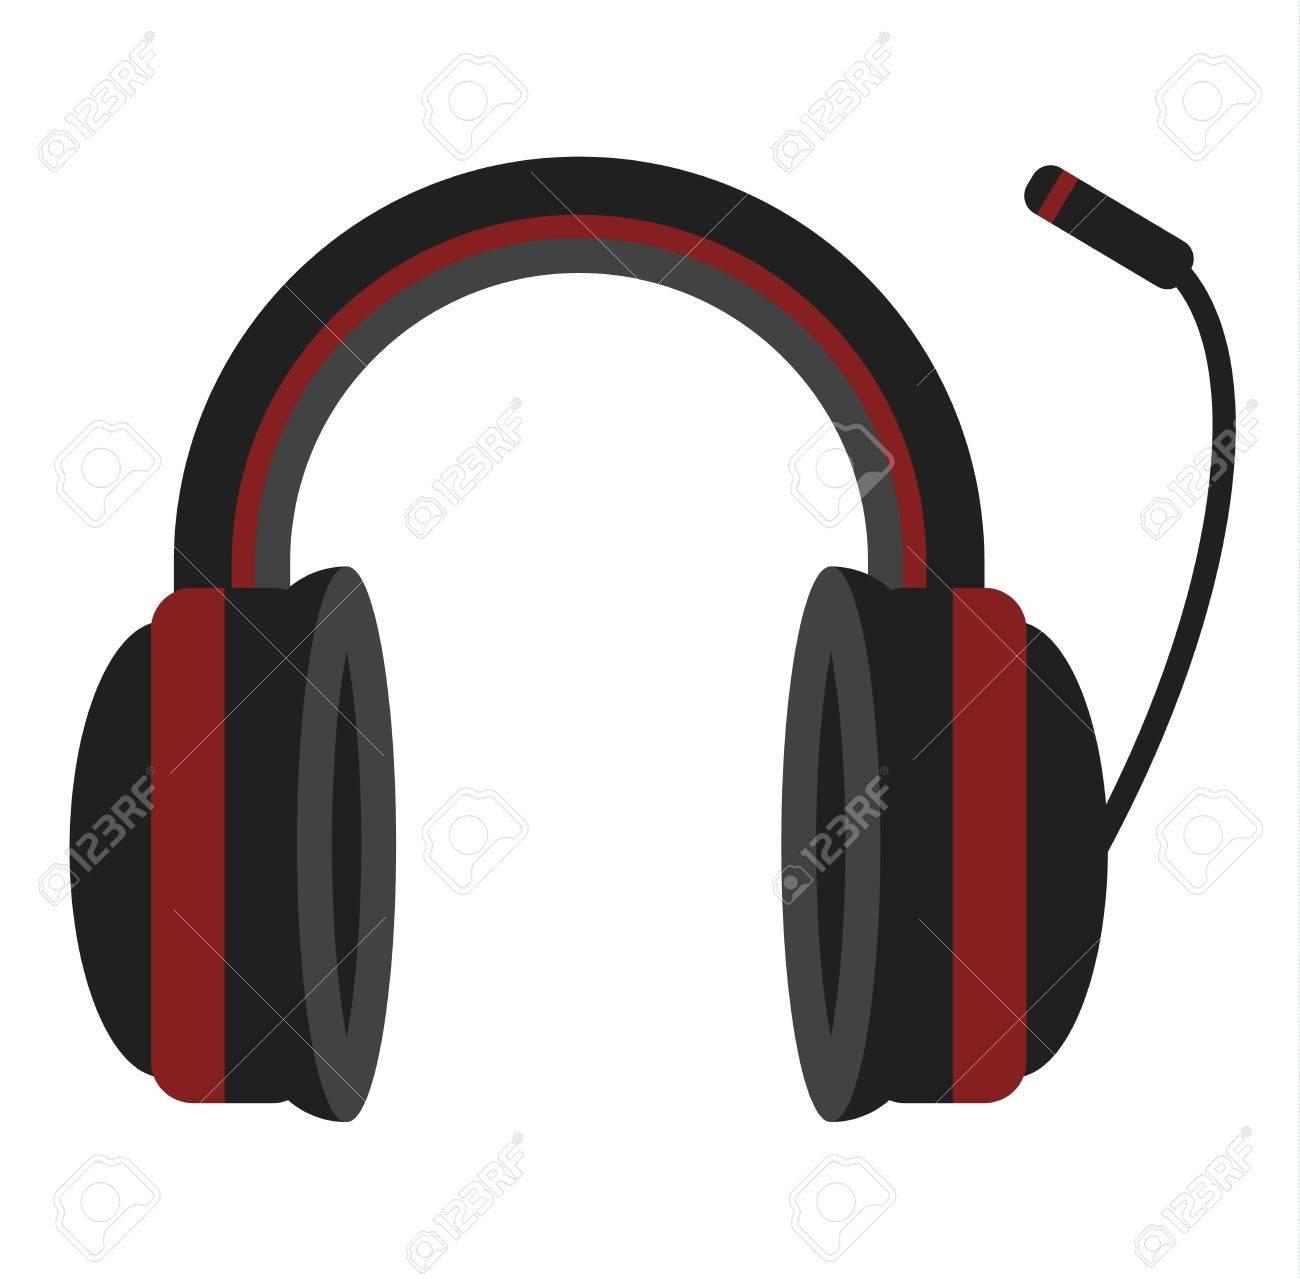 Casque radio illustration vectorielle. Musique écouteurs équipement de divertissement numérique isolé sur fond blanc. Son écouter technologie de